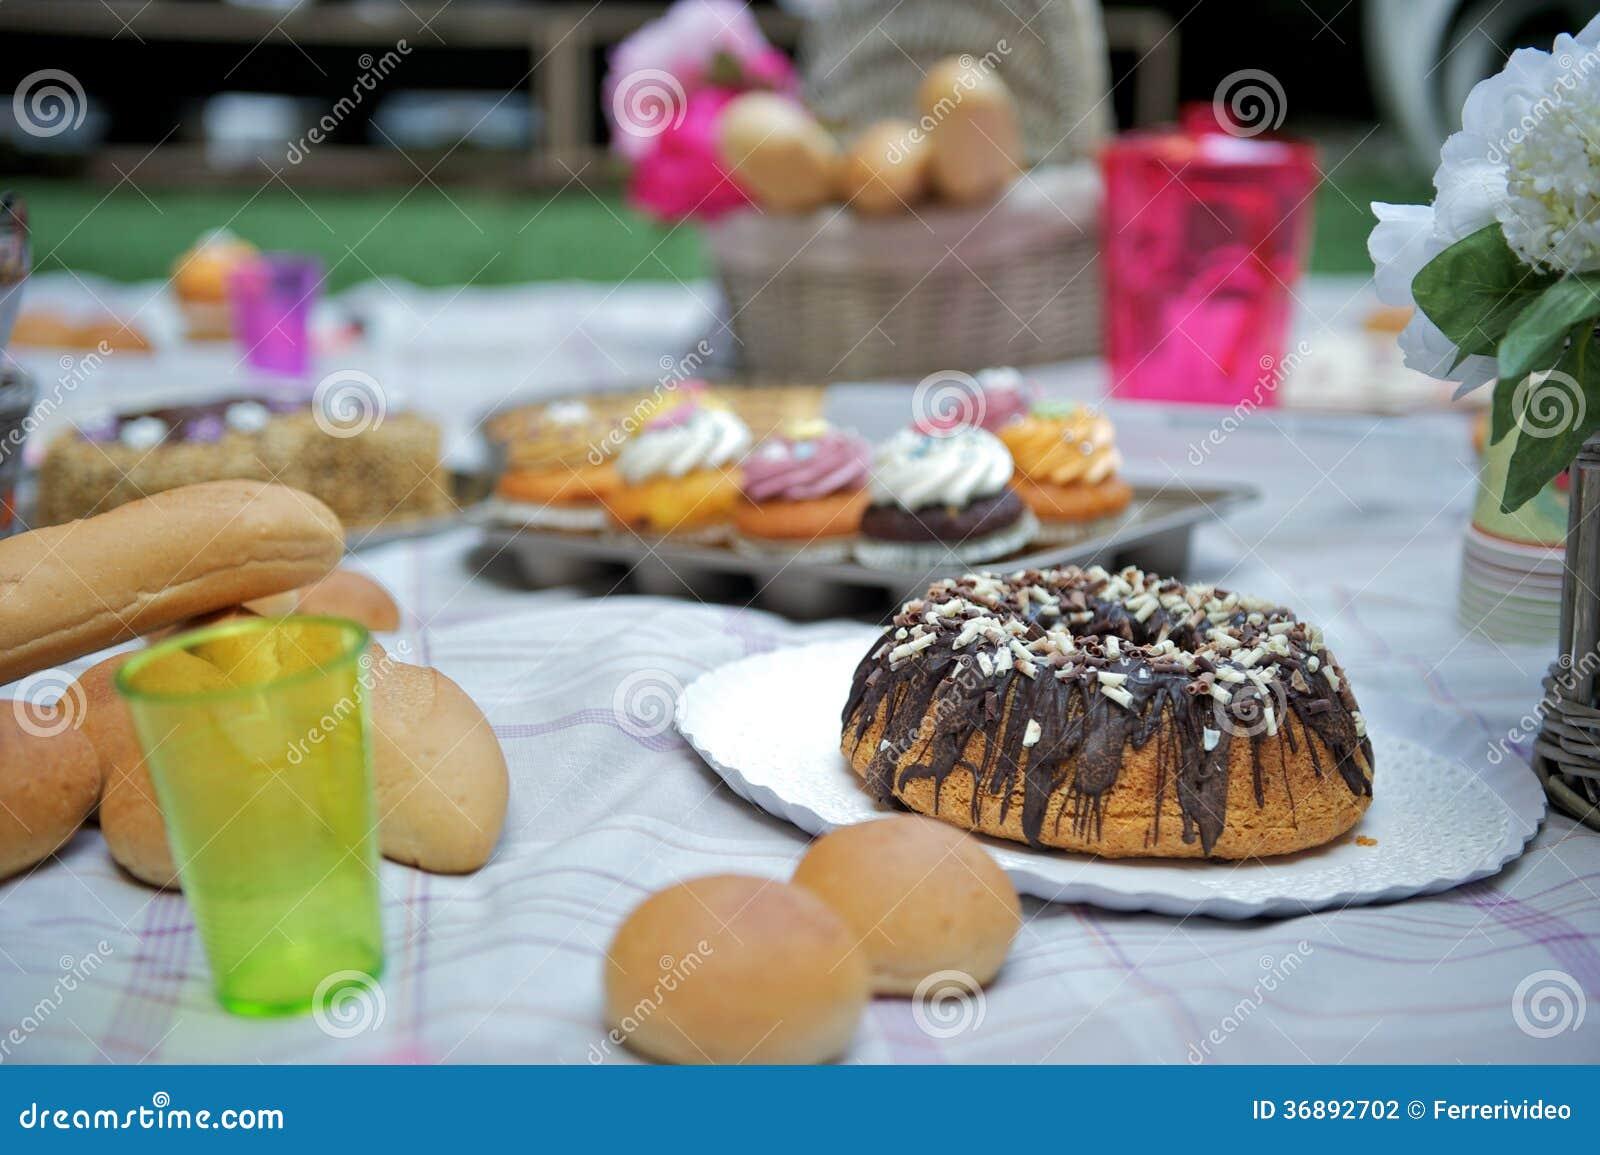 Download Bigné fotografia stock. Immagine di ornate, grasso, zucchero - 36892702